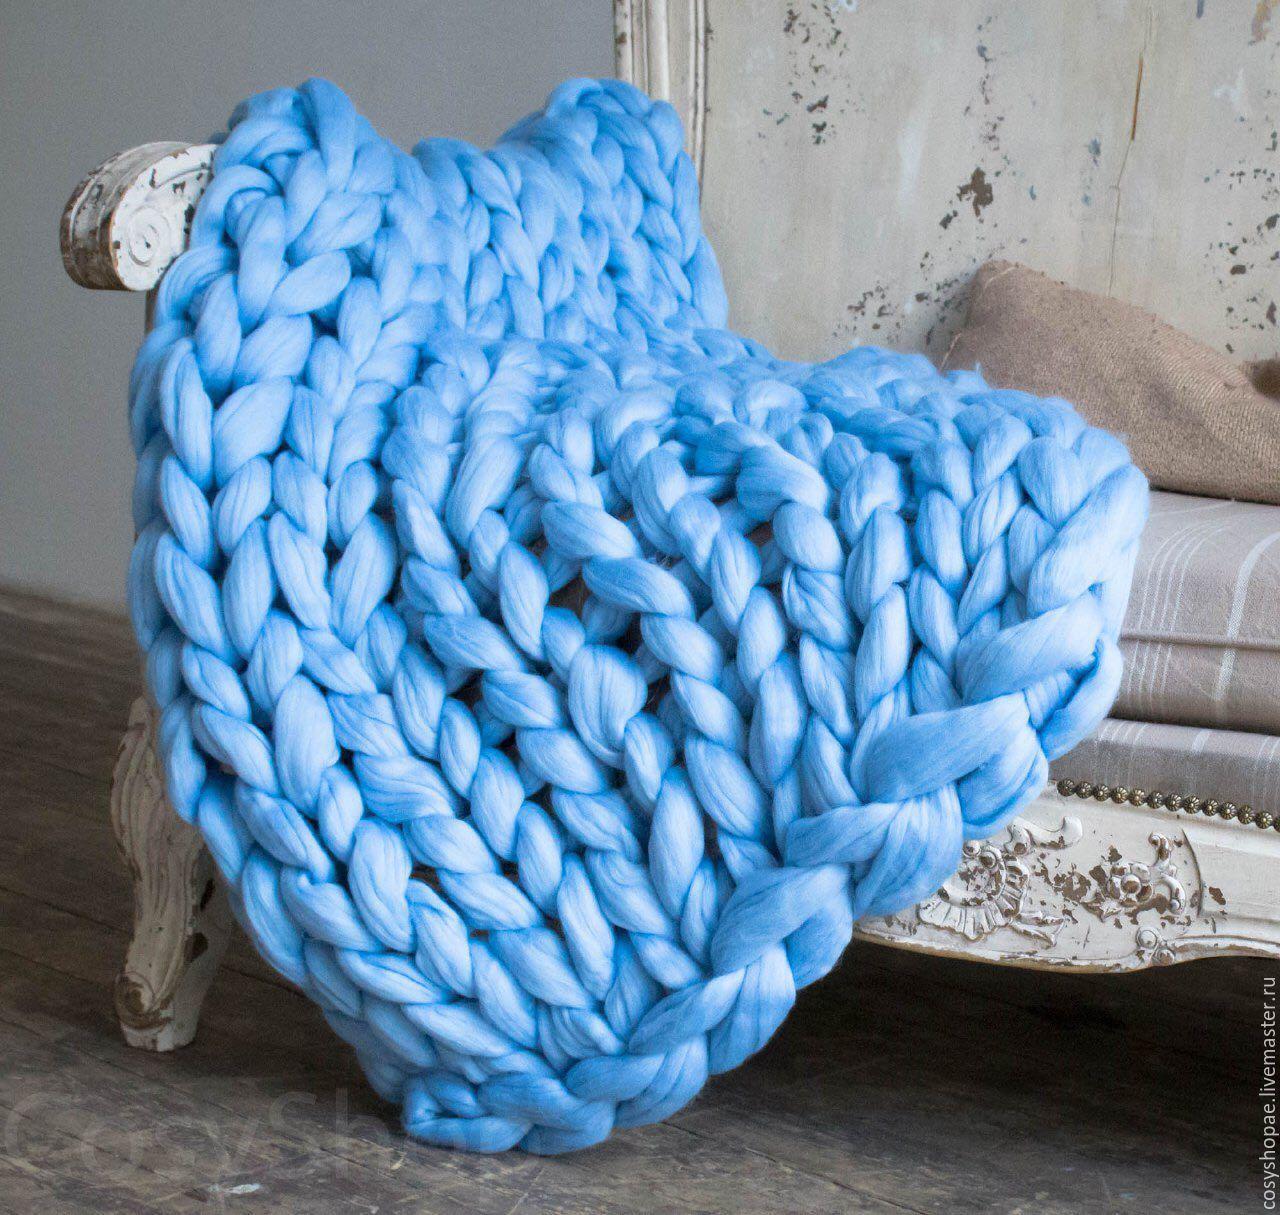 Пряжа из мериноса для вязания руками 143